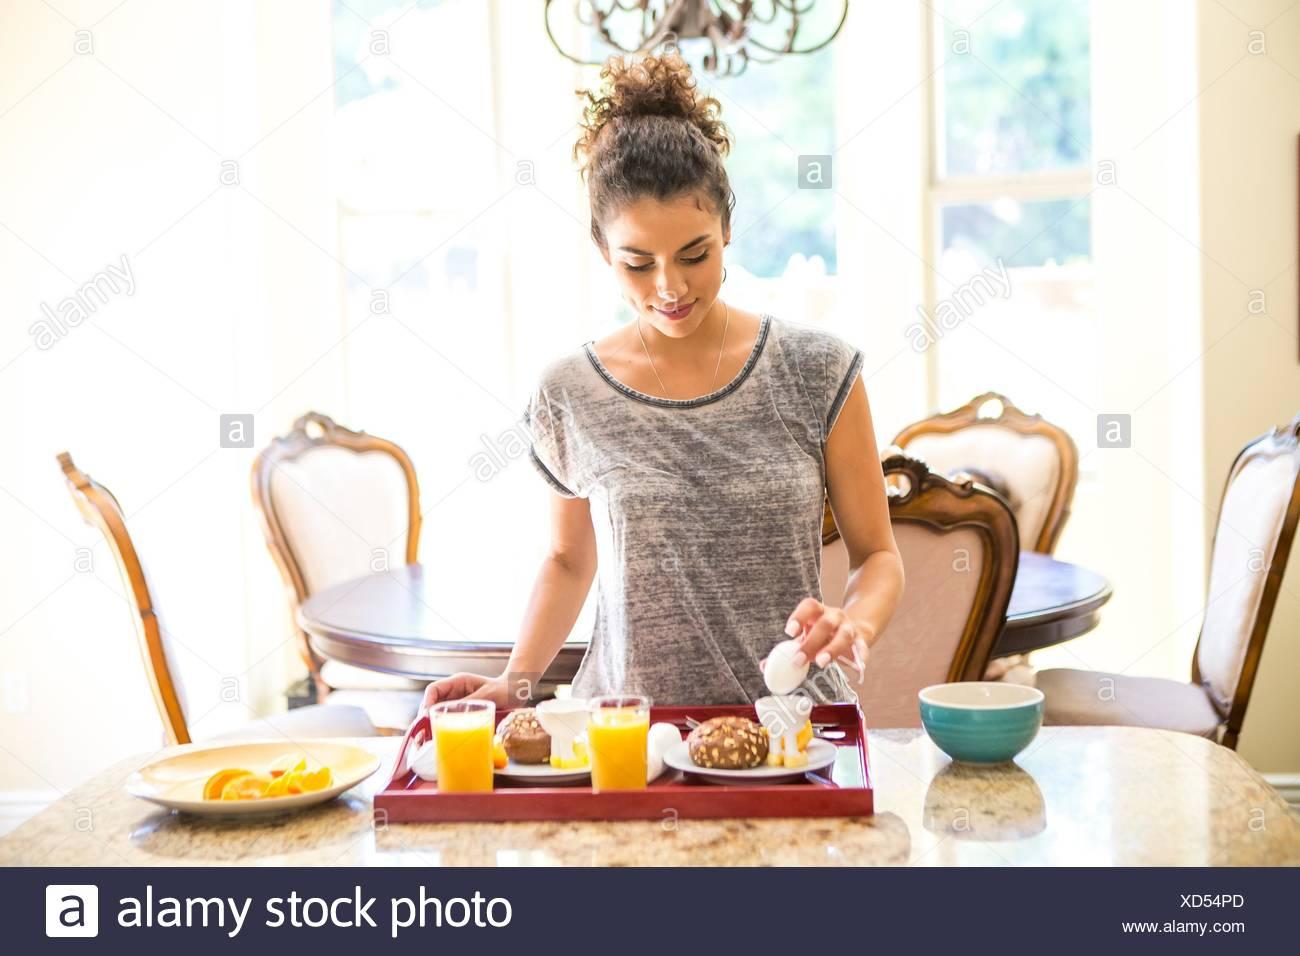 Junge Frau zu Hause vorbereiten Frühstückstablett, blickte mit Ei Stockbild